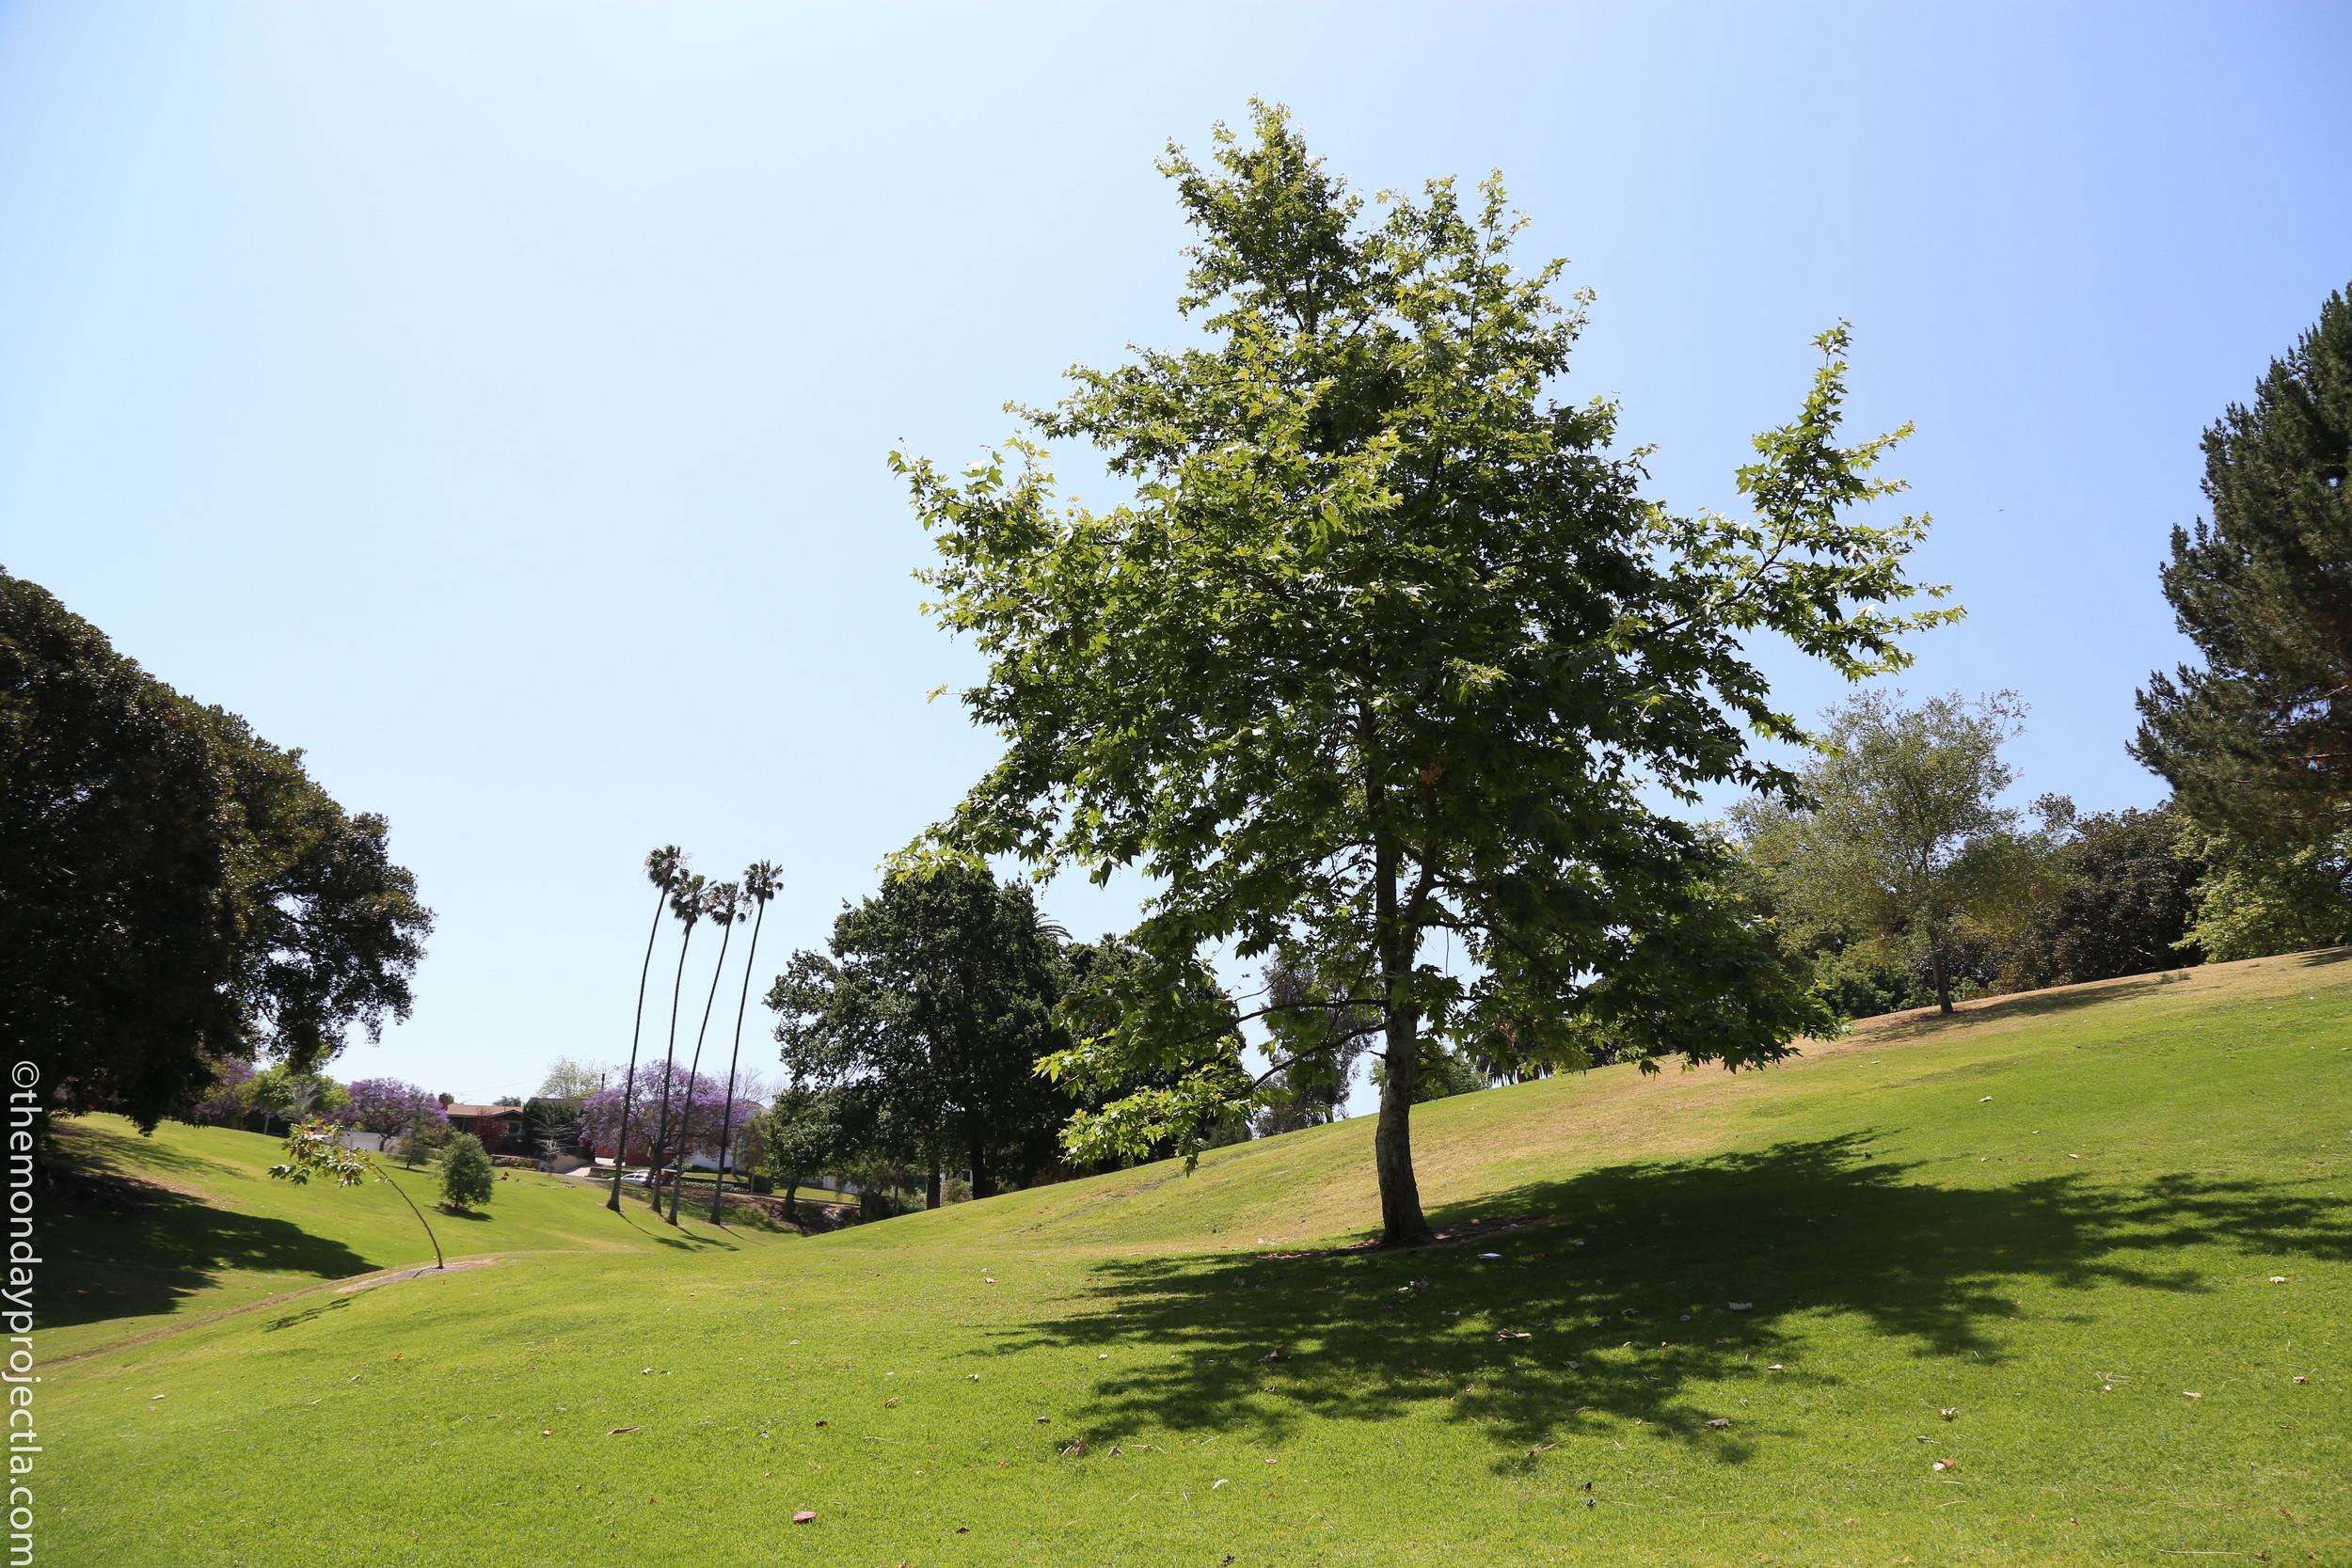 Averill Park rolling hills